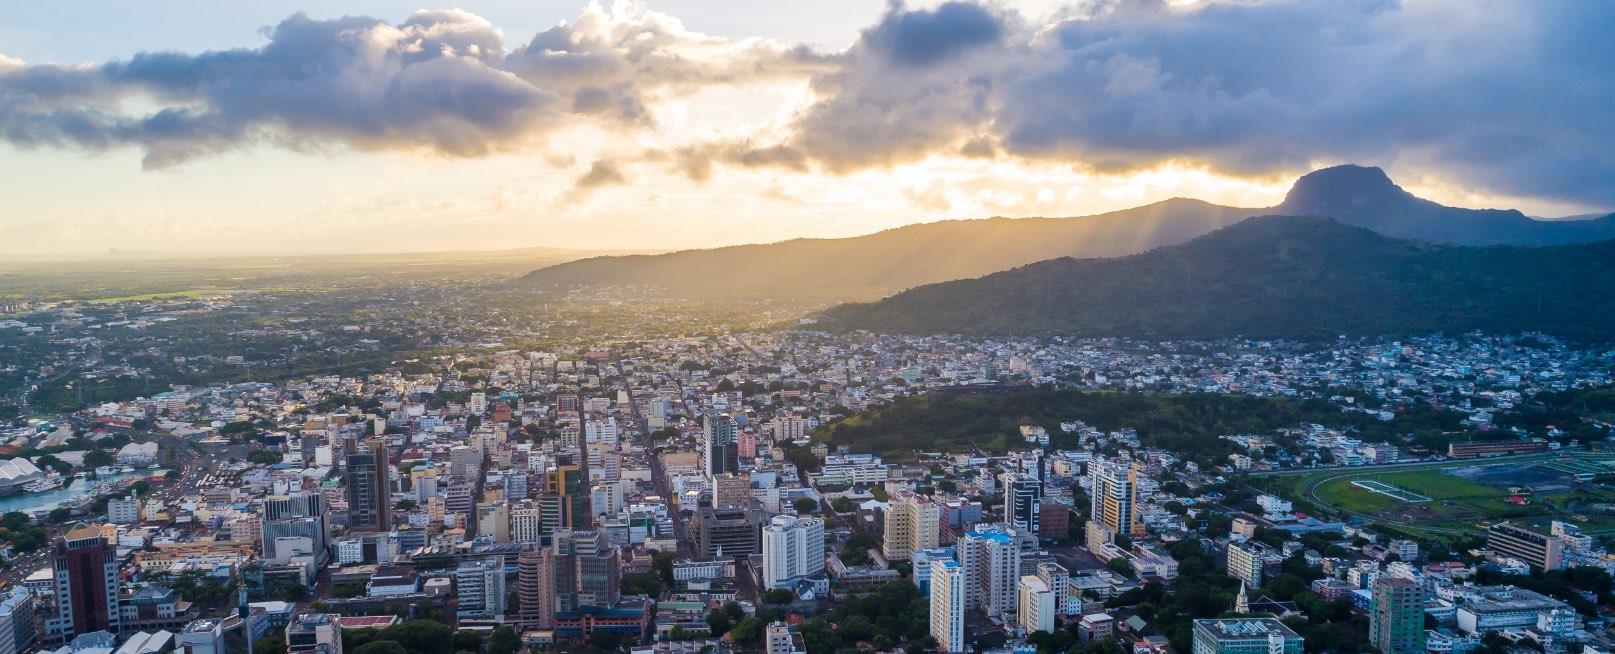 Mauritius Landscape City View